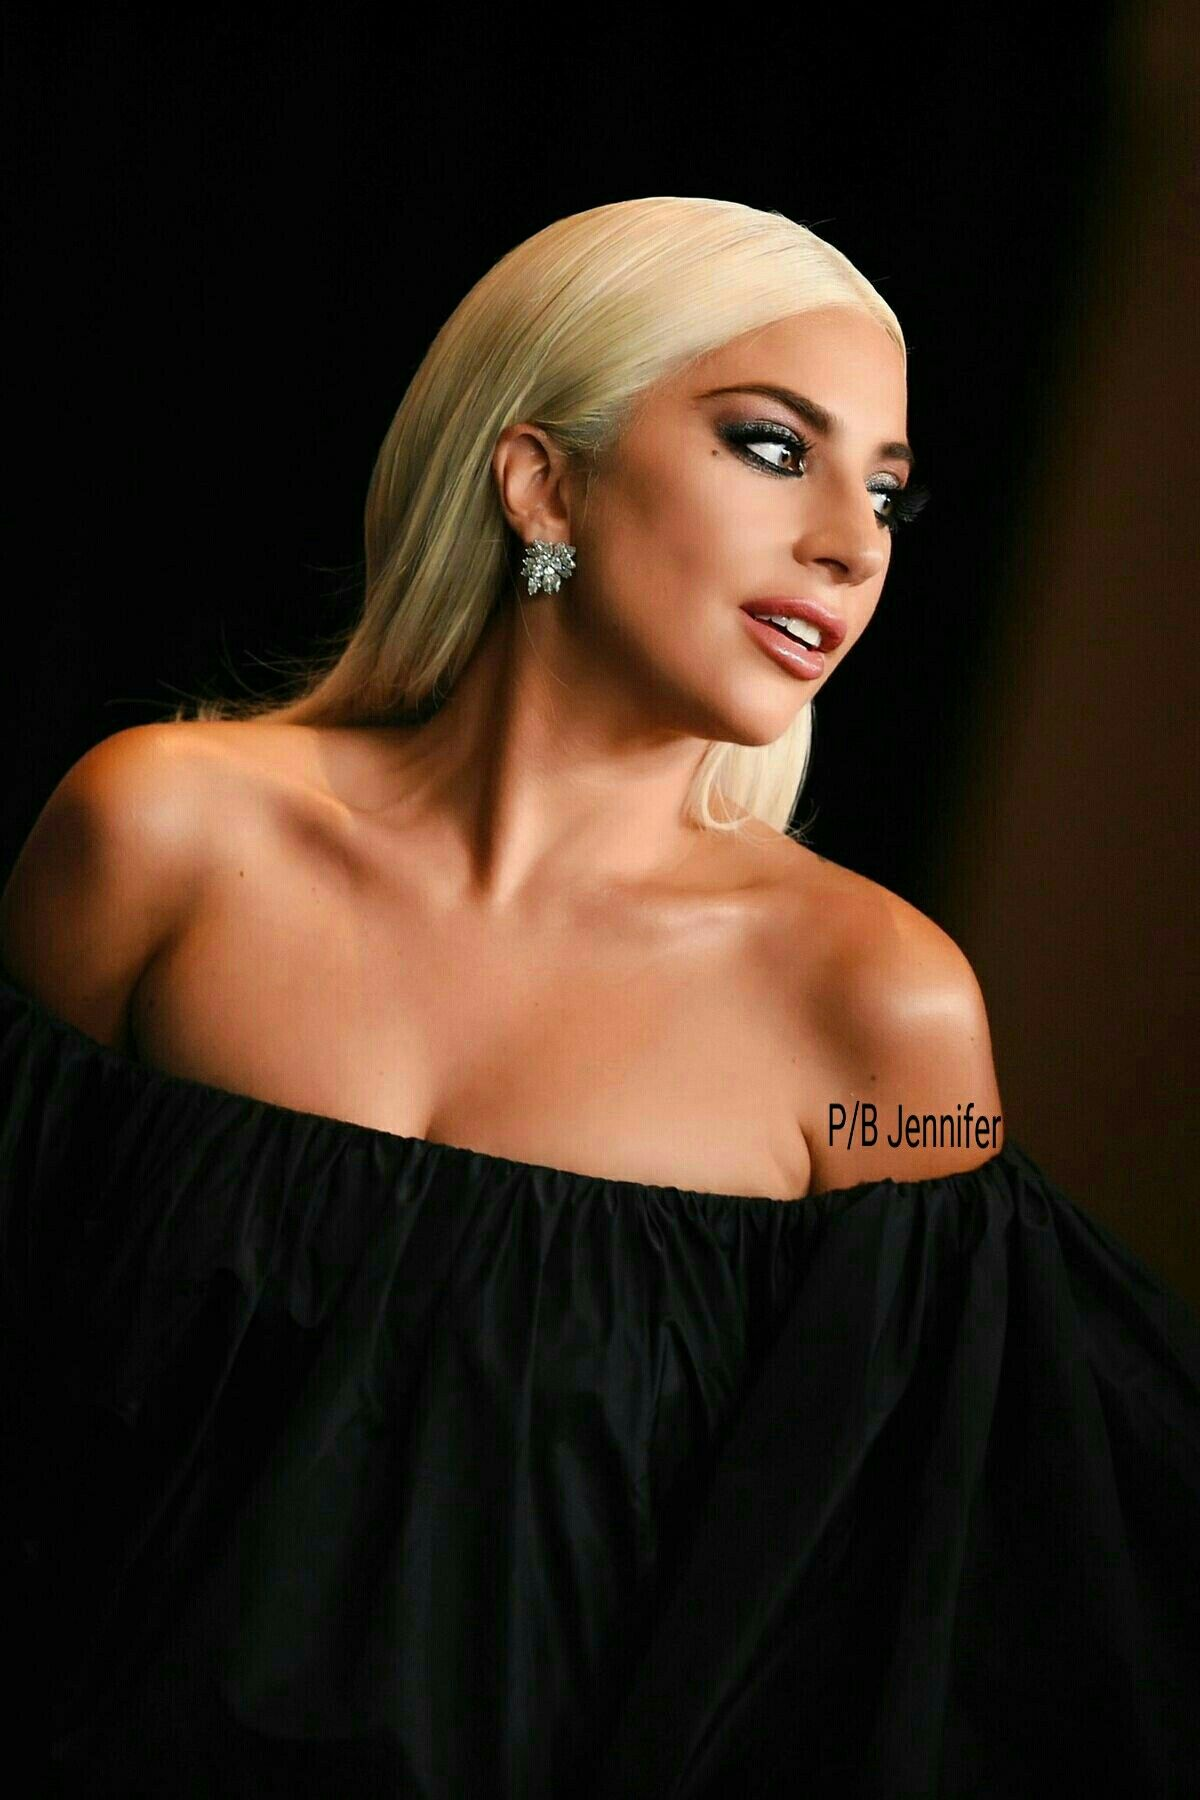 Pin By Warfield Jennifer On Gaga Lady Gaga Hair Lady Gaga Fashion Lady Gaga Pictures